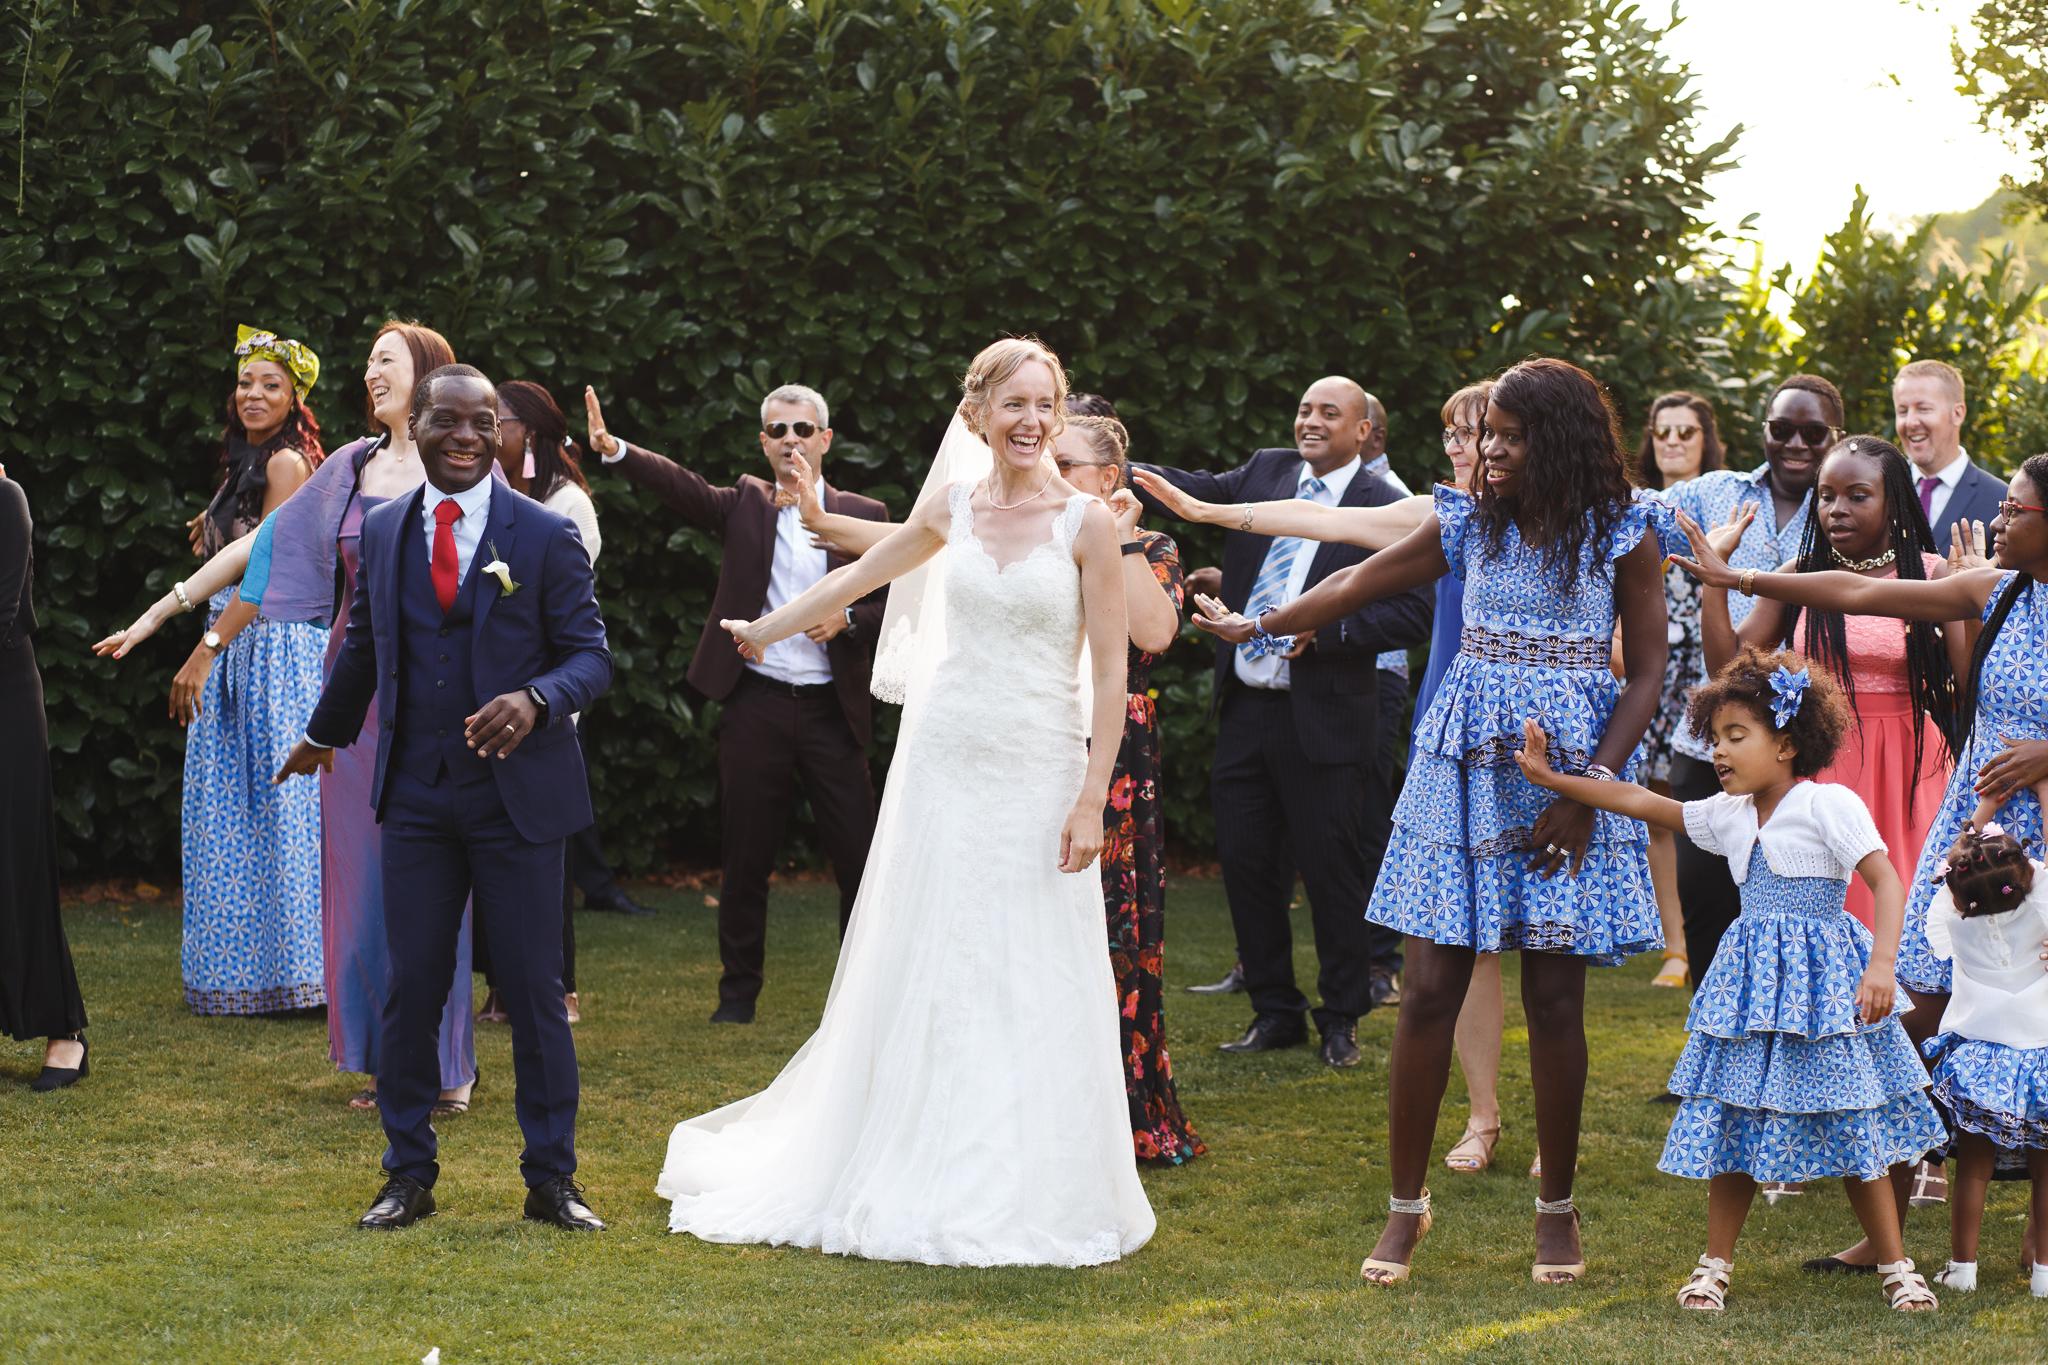 mariés et invités dansent au Domaine de la Chanterelle Verlinghem - photographe mariage Wambrechies La Madeleine Nord